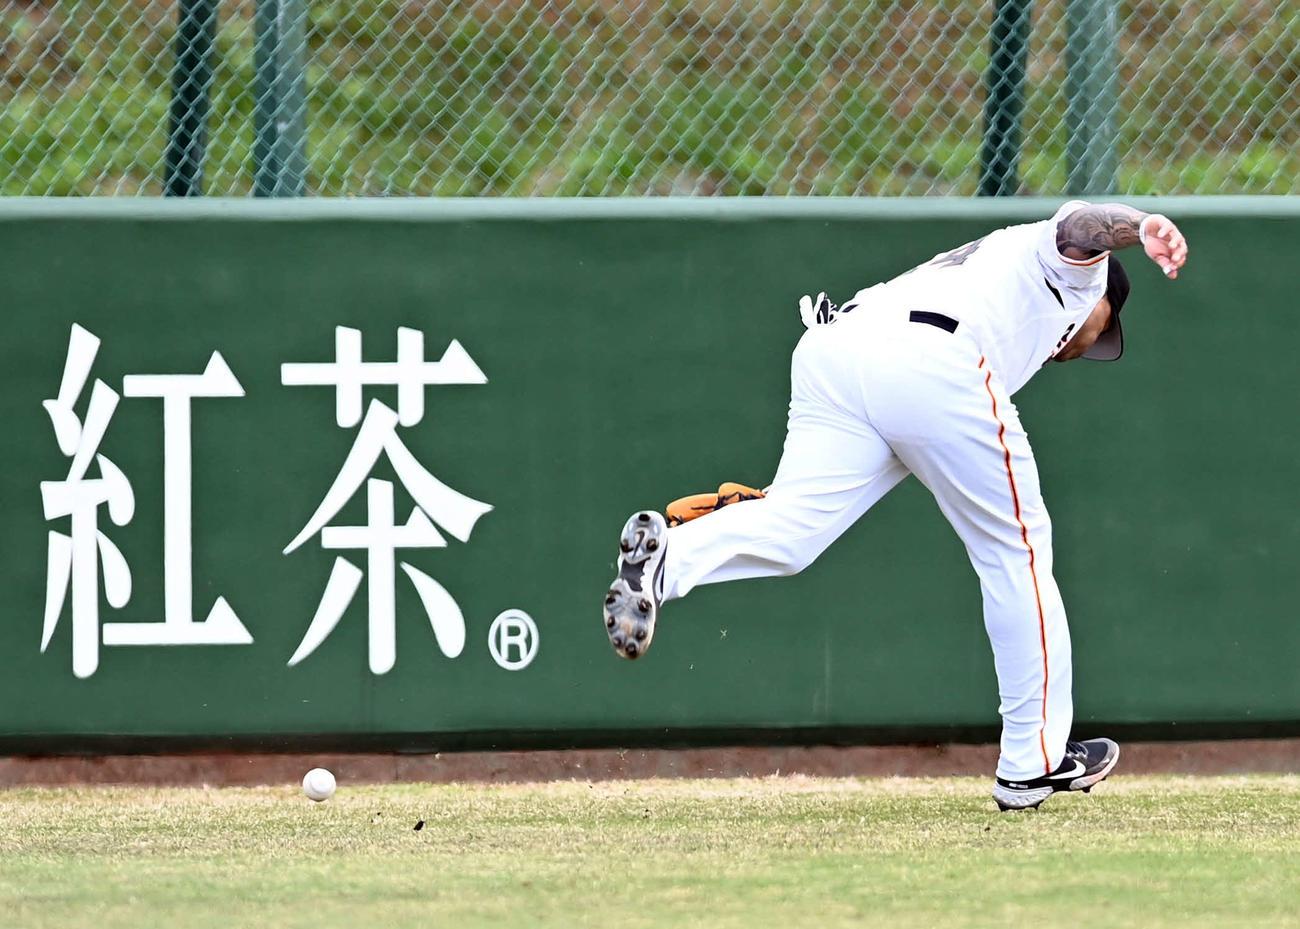 イースタン・リーグ 巨人対楽天 4回表楽天2死一、二塁、左翼手テームズが内田の打球を後逸し2点を献上(撮影・たえ見朱実)